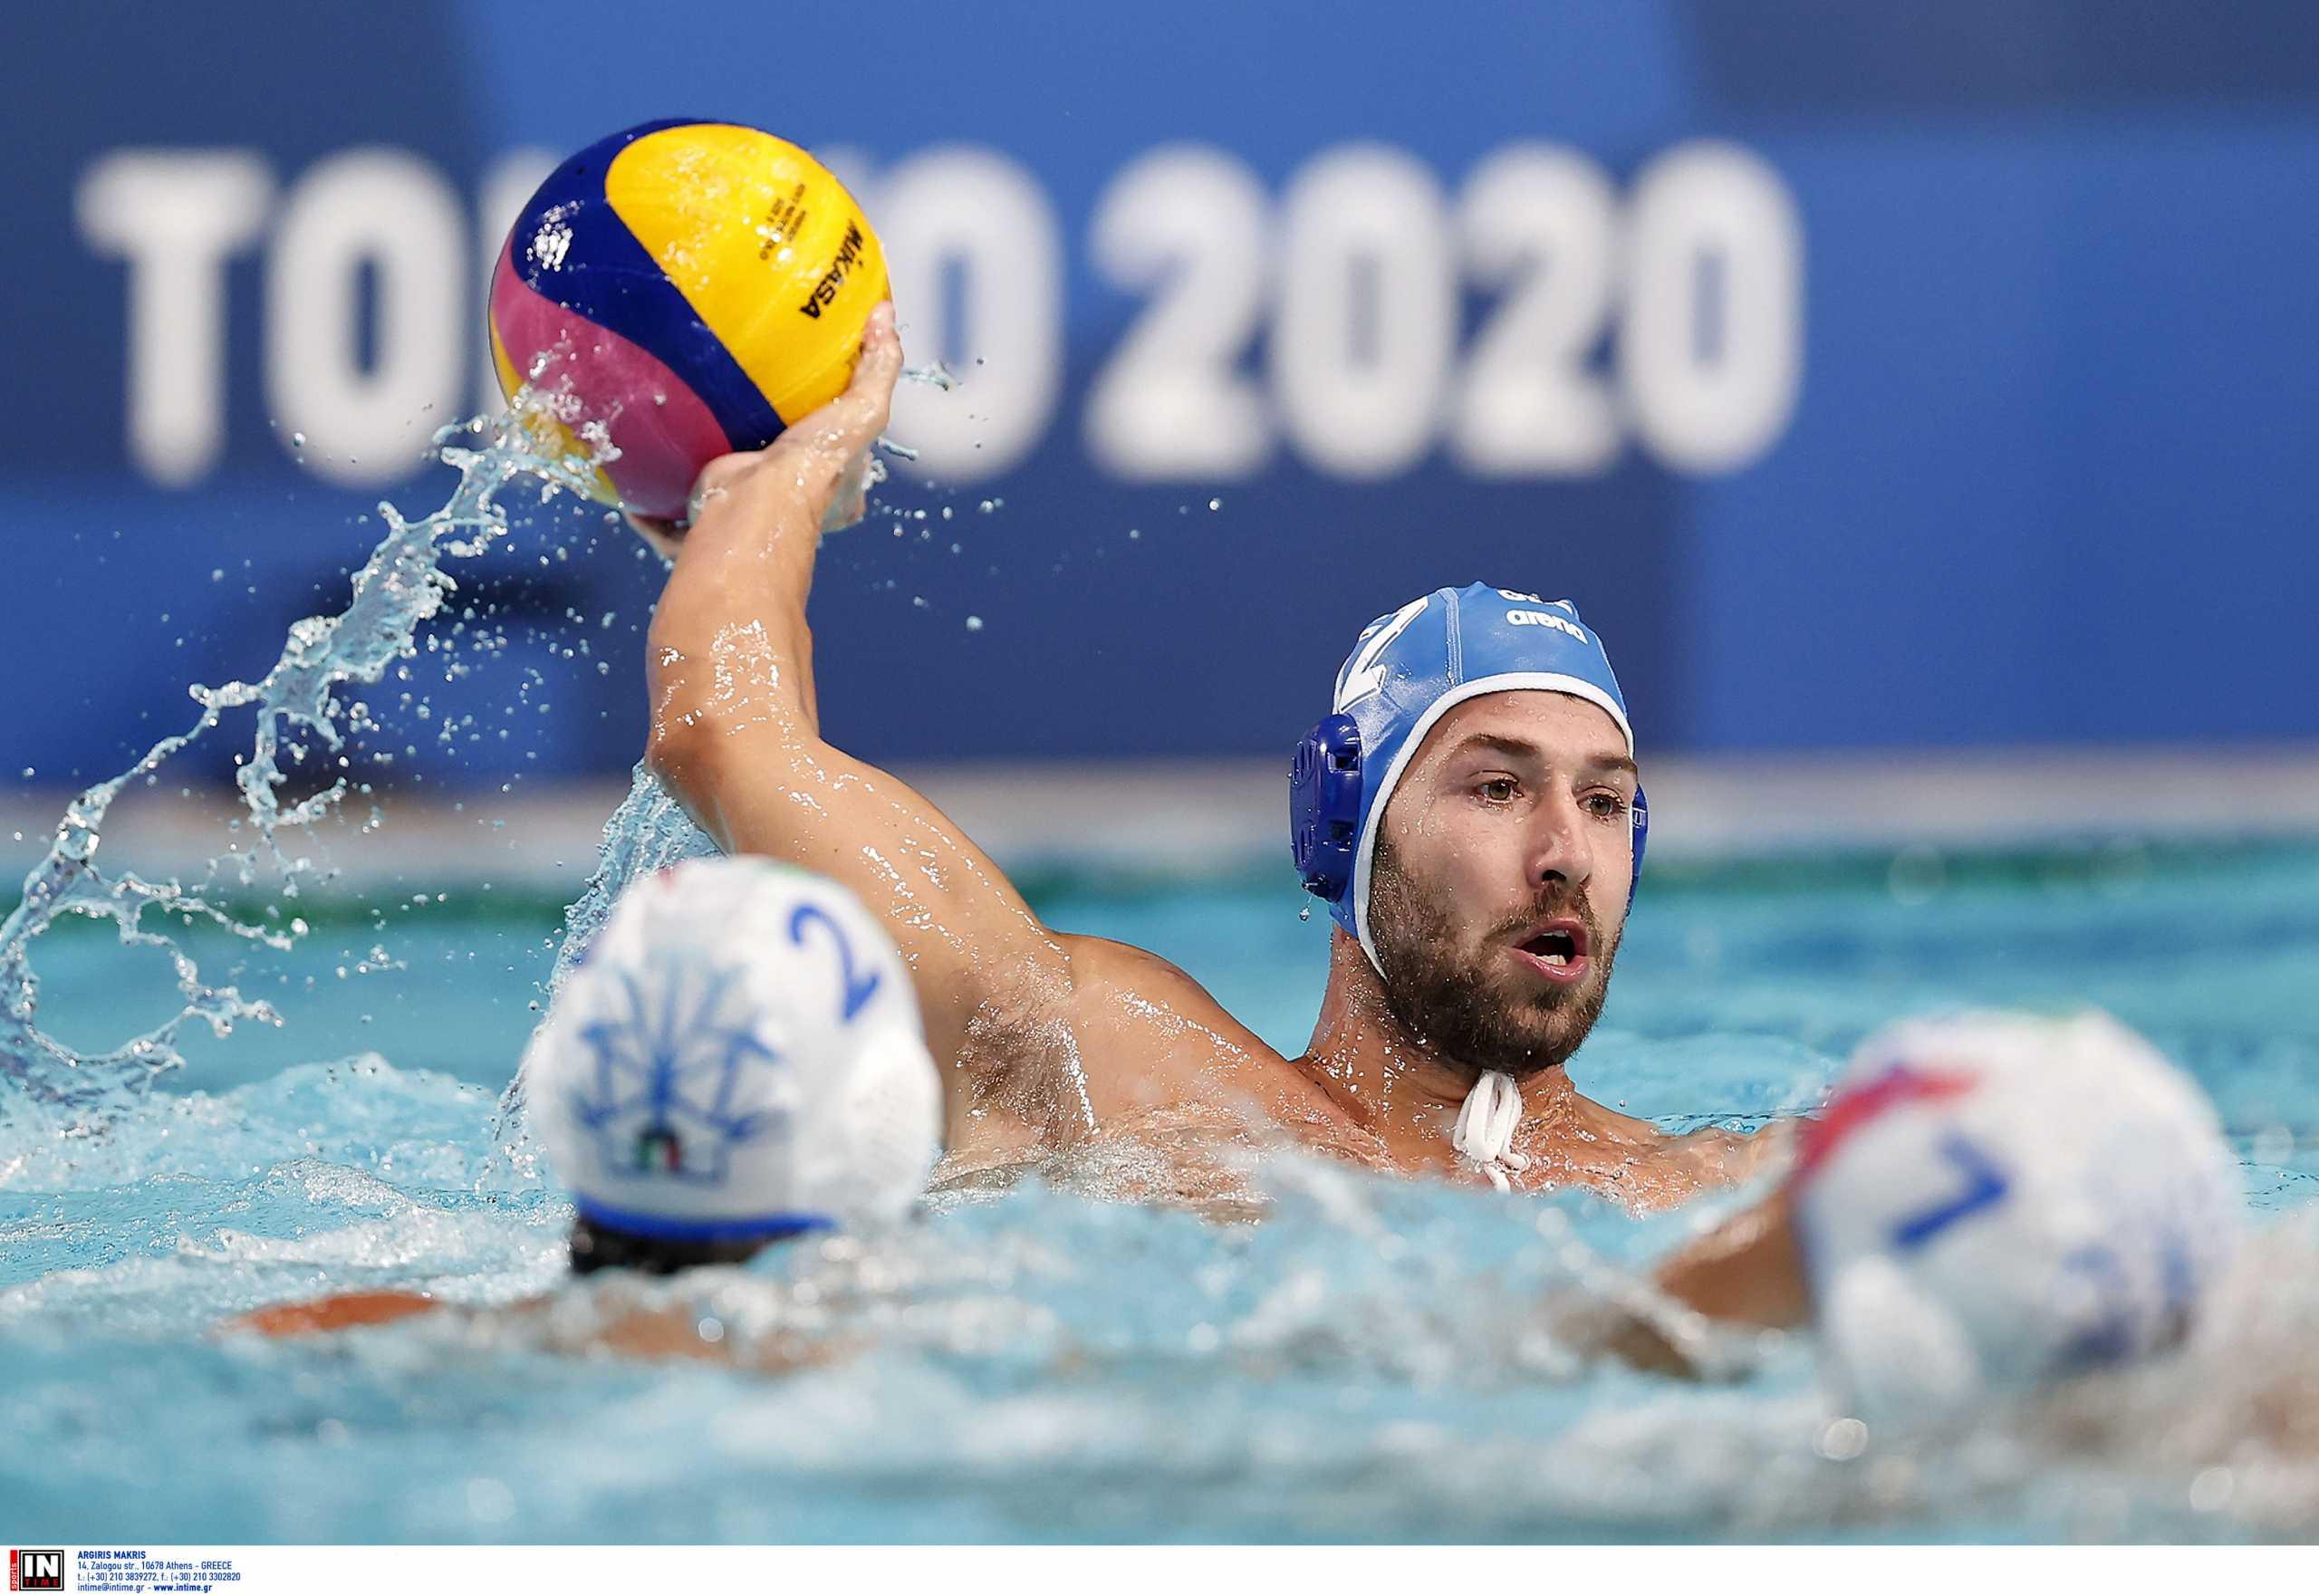 Αθλητικές μεταδόσεις με Ελλάδα – Μαυροβούνιο και Medal Race για Μάντη – Καγιαλή (04/08)